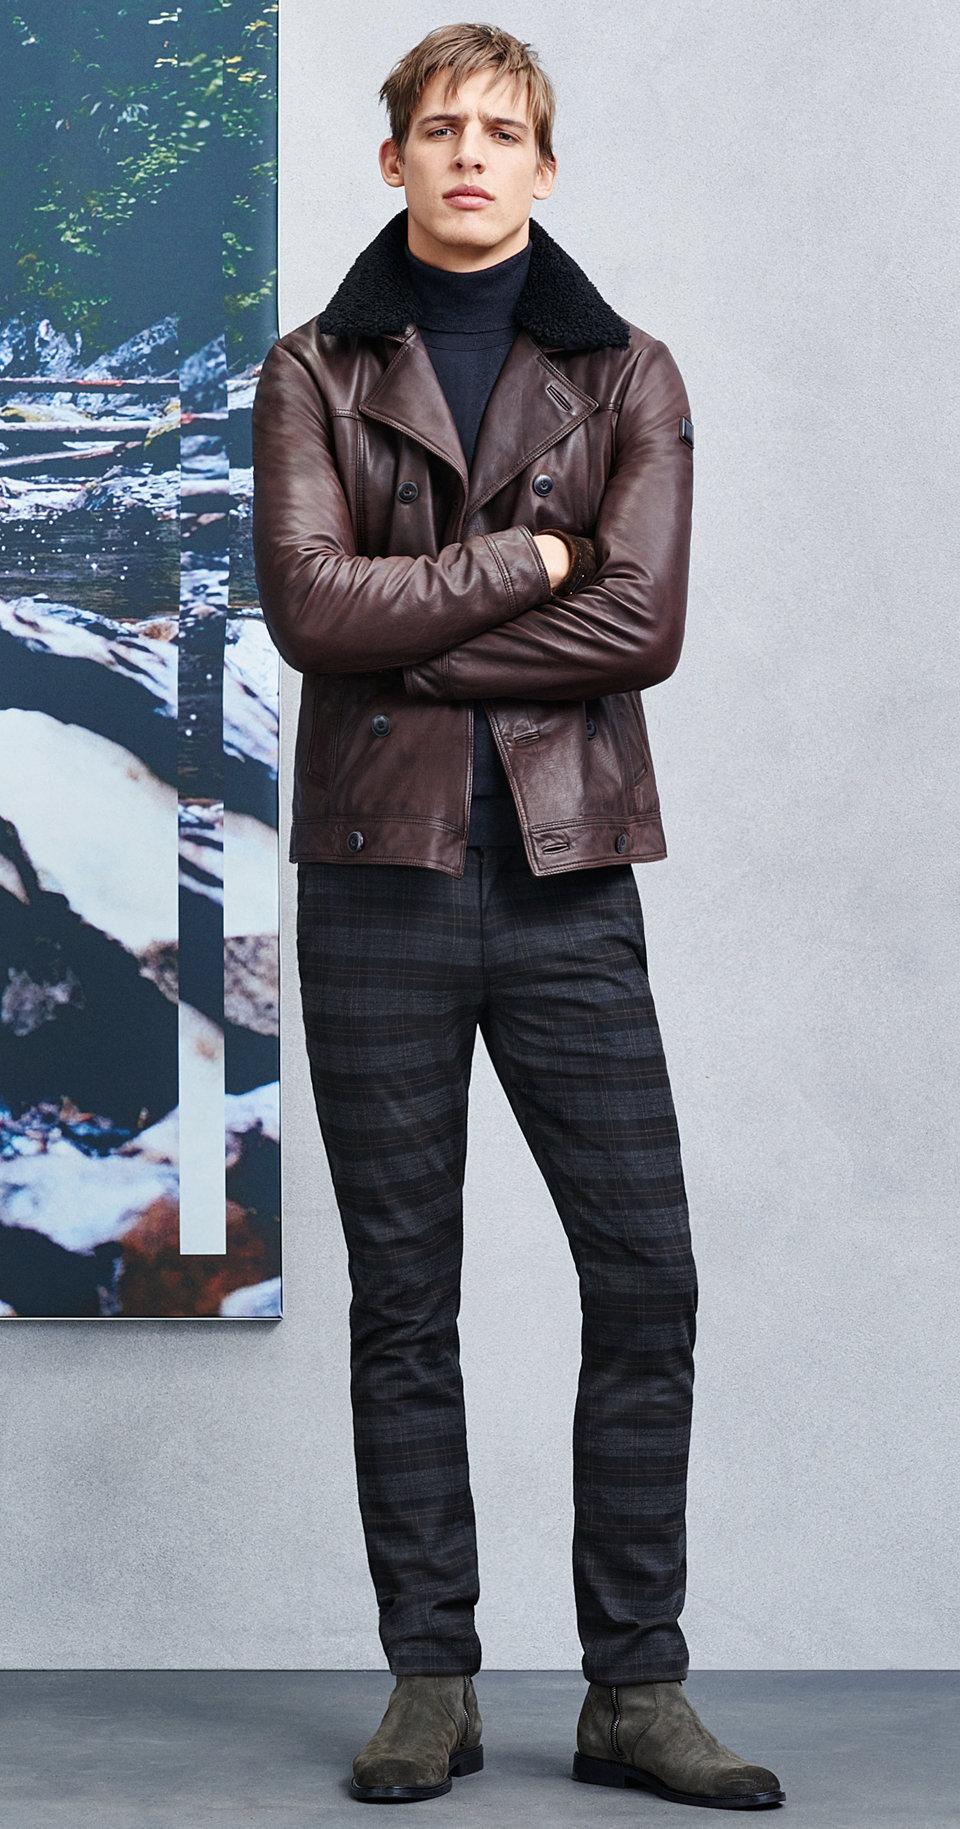 Dunkelbraune Jacke, schwarze Hose, Schal und grüne Schuhe von BOSSOrange